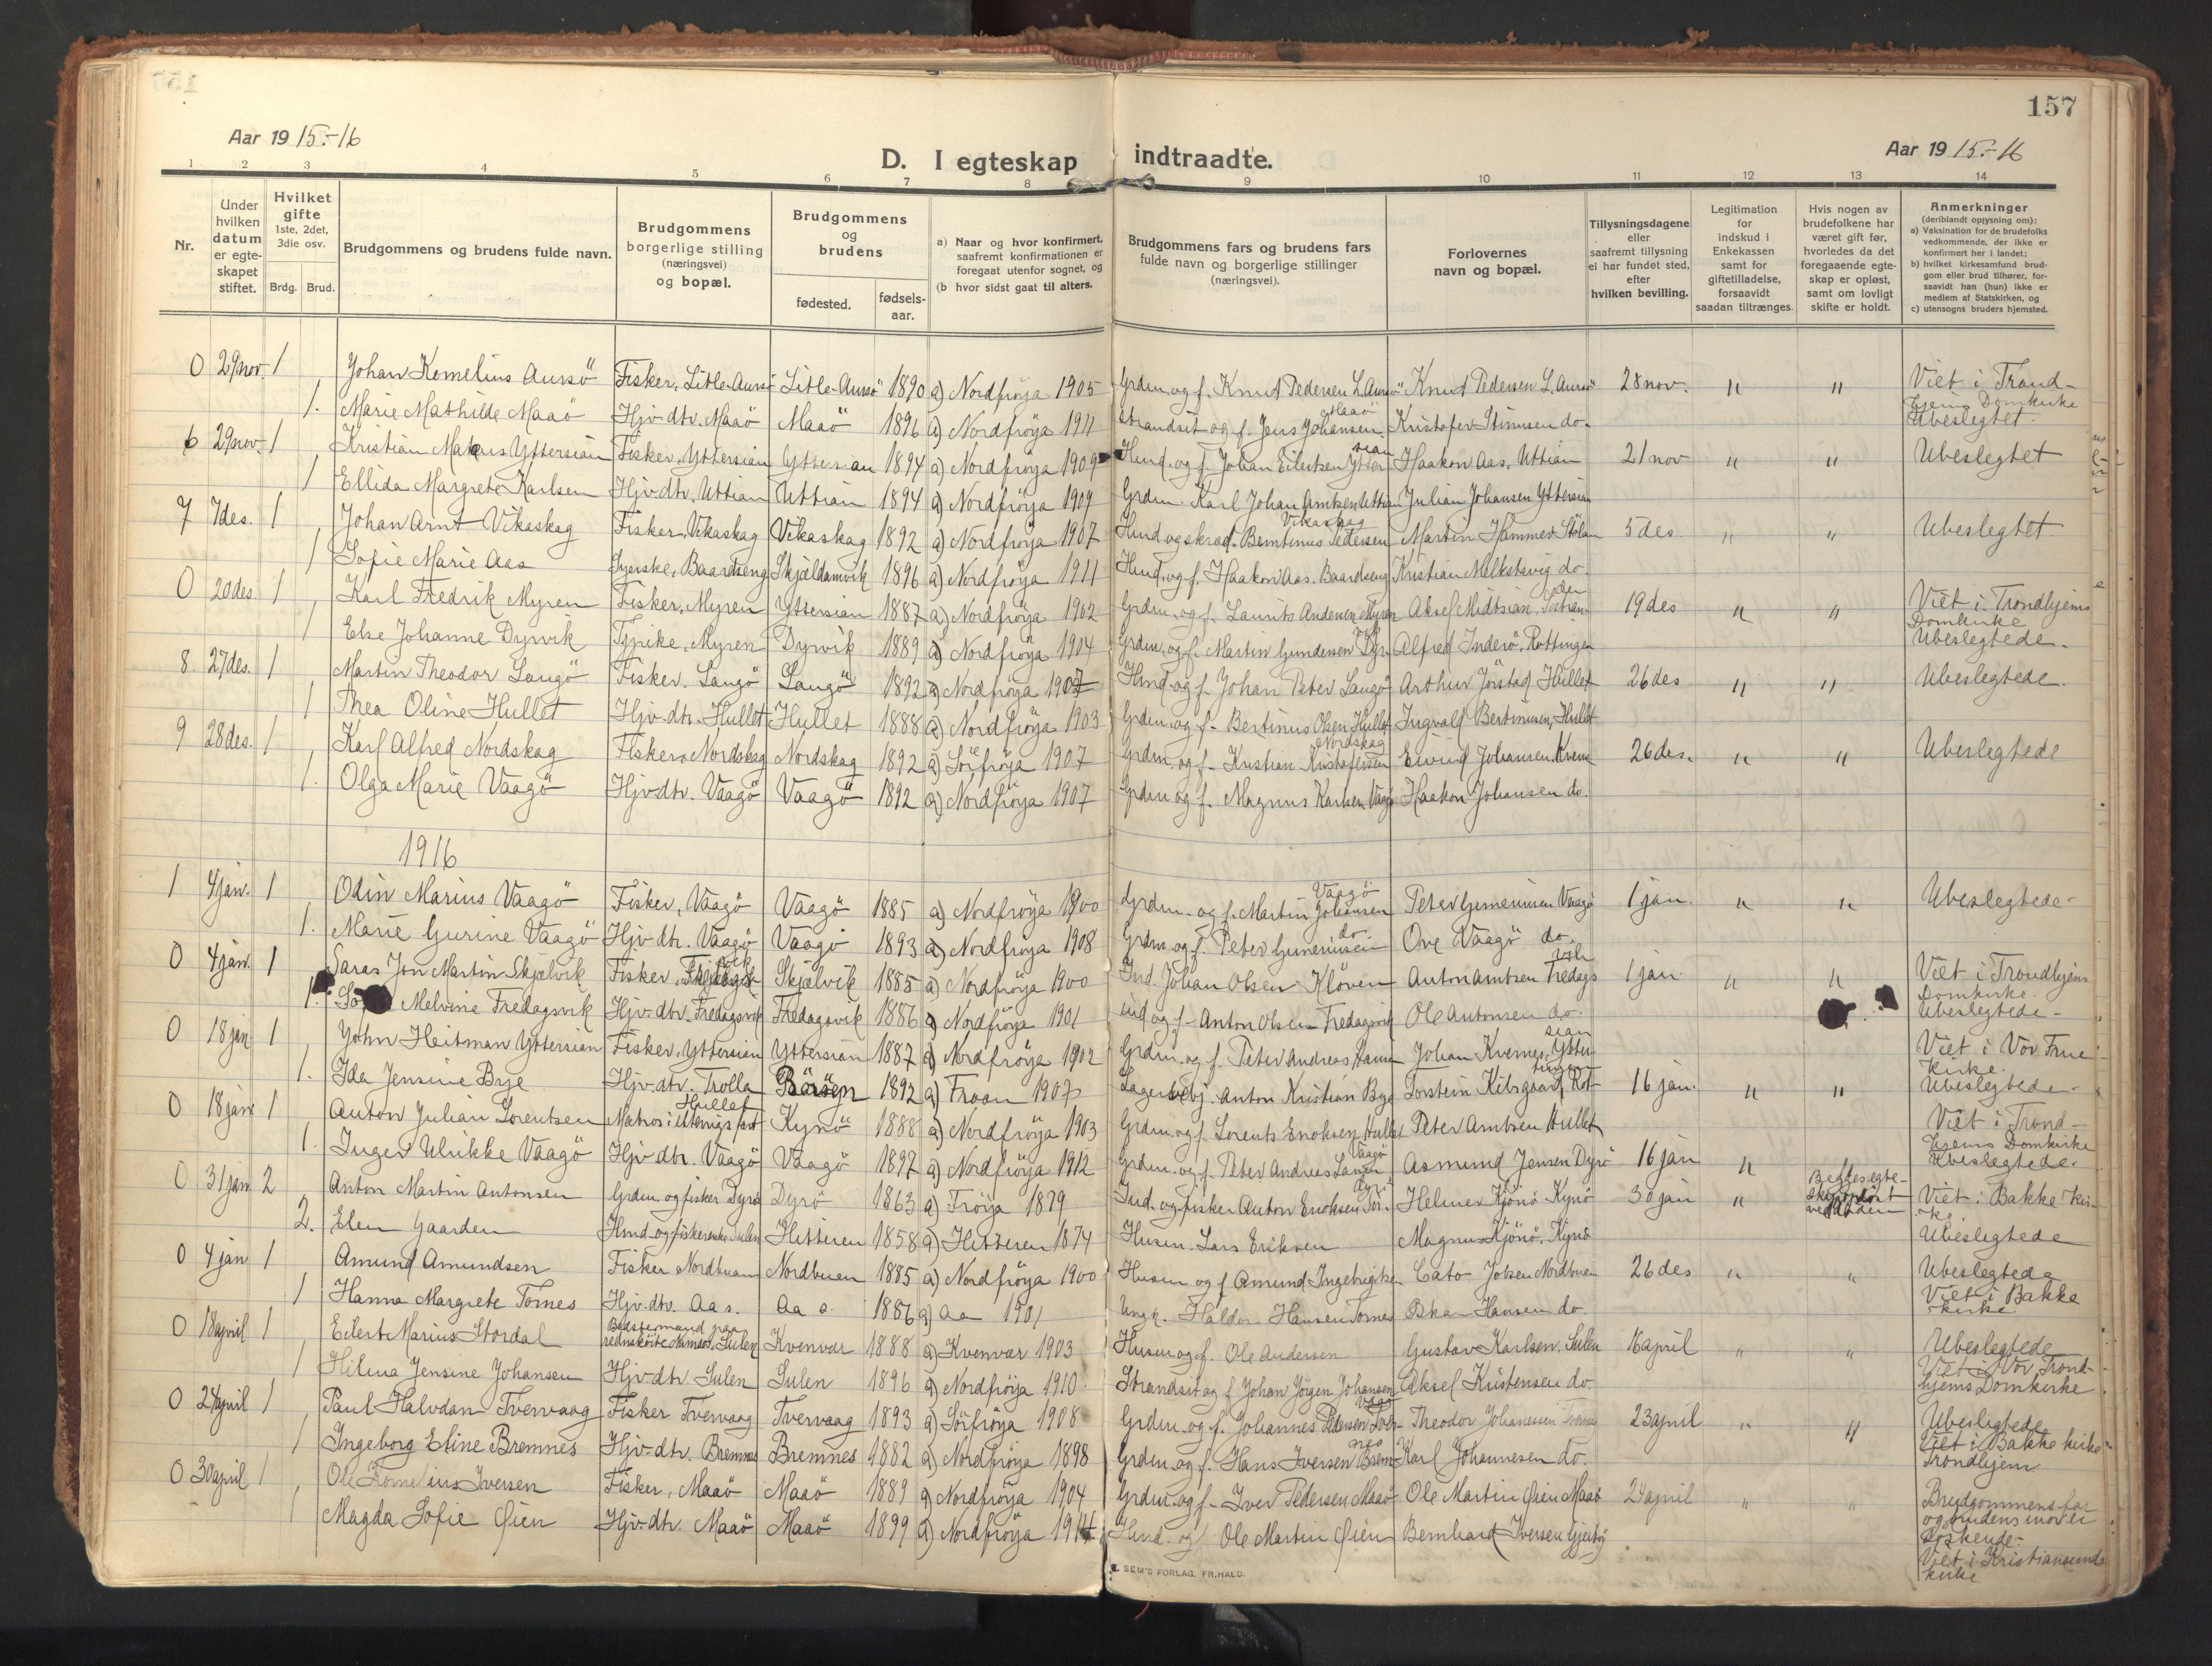 SAT, Ministerialprotokoller, klokkerbøker og fødselsregistre - Sør-Trøndelag, 640/L0581: Ministerialbok nr. 640A06, 1910-1924, s. 157